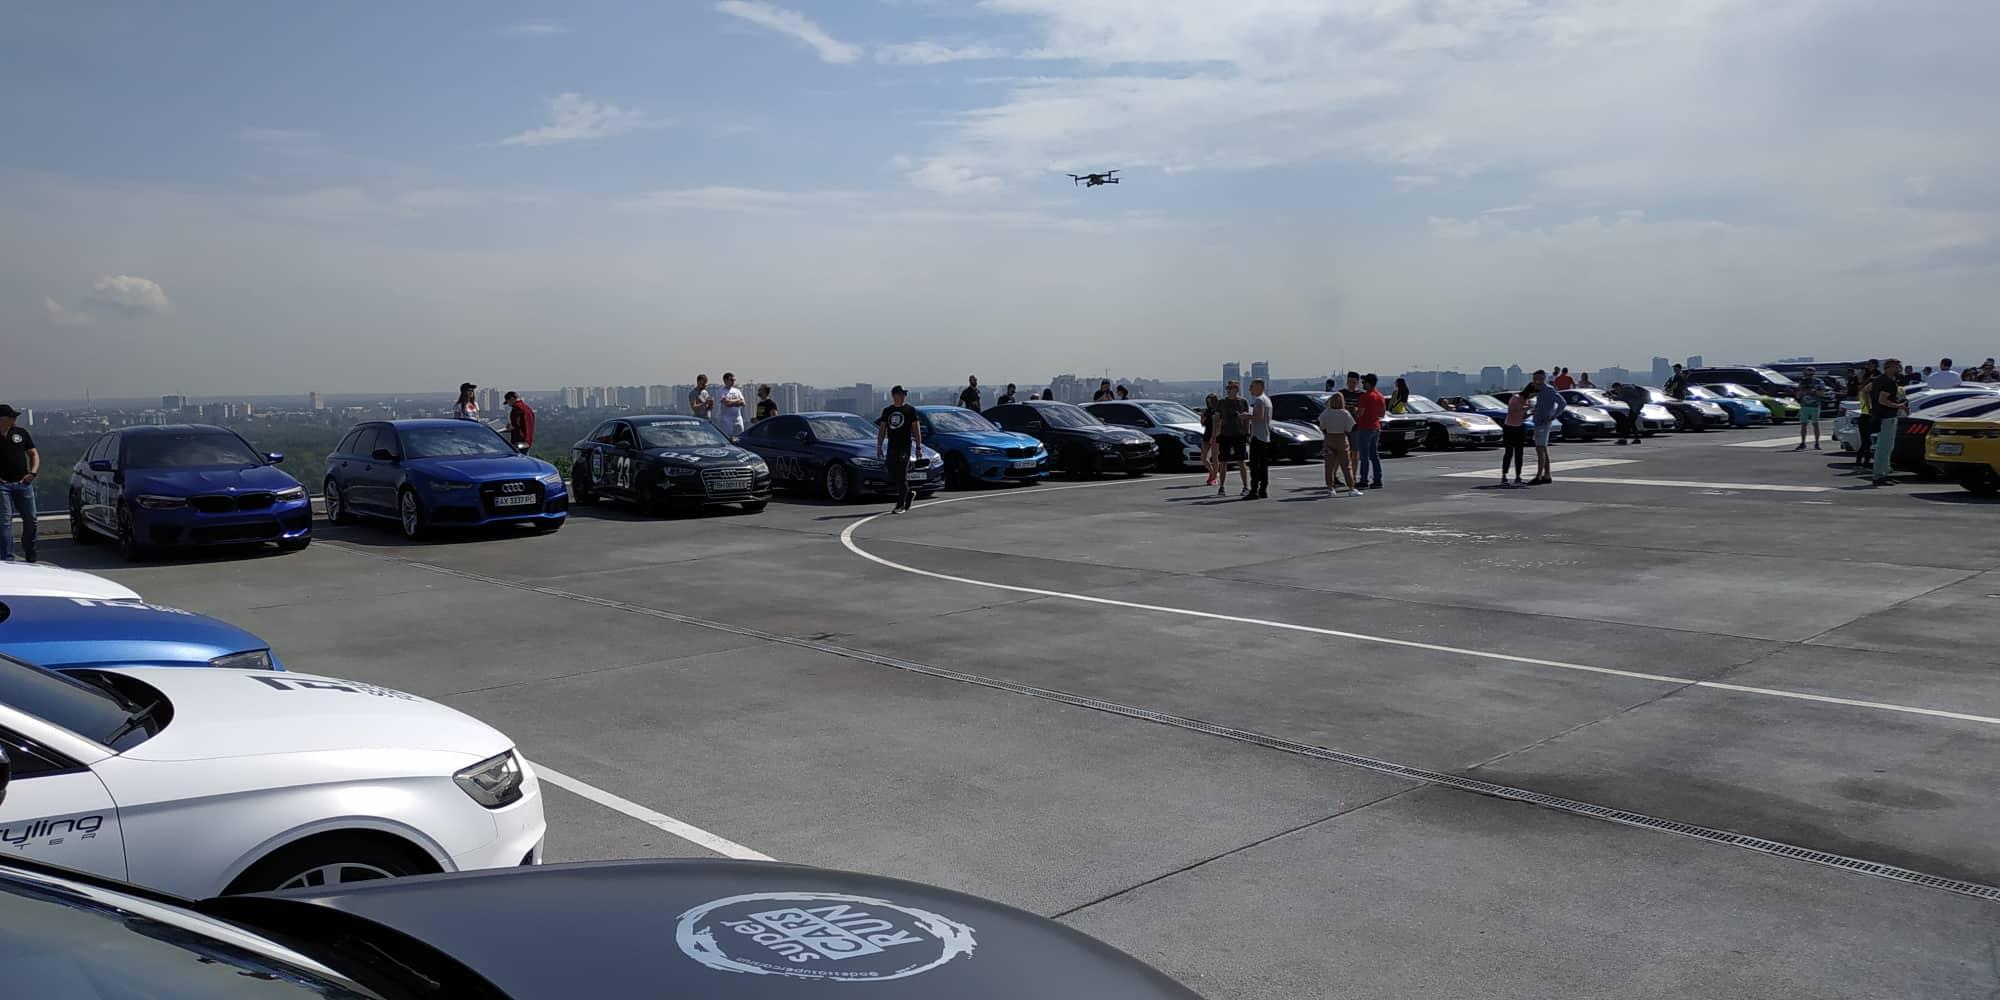 В Украине проходит масштабный автопробег суперкаров (фото)